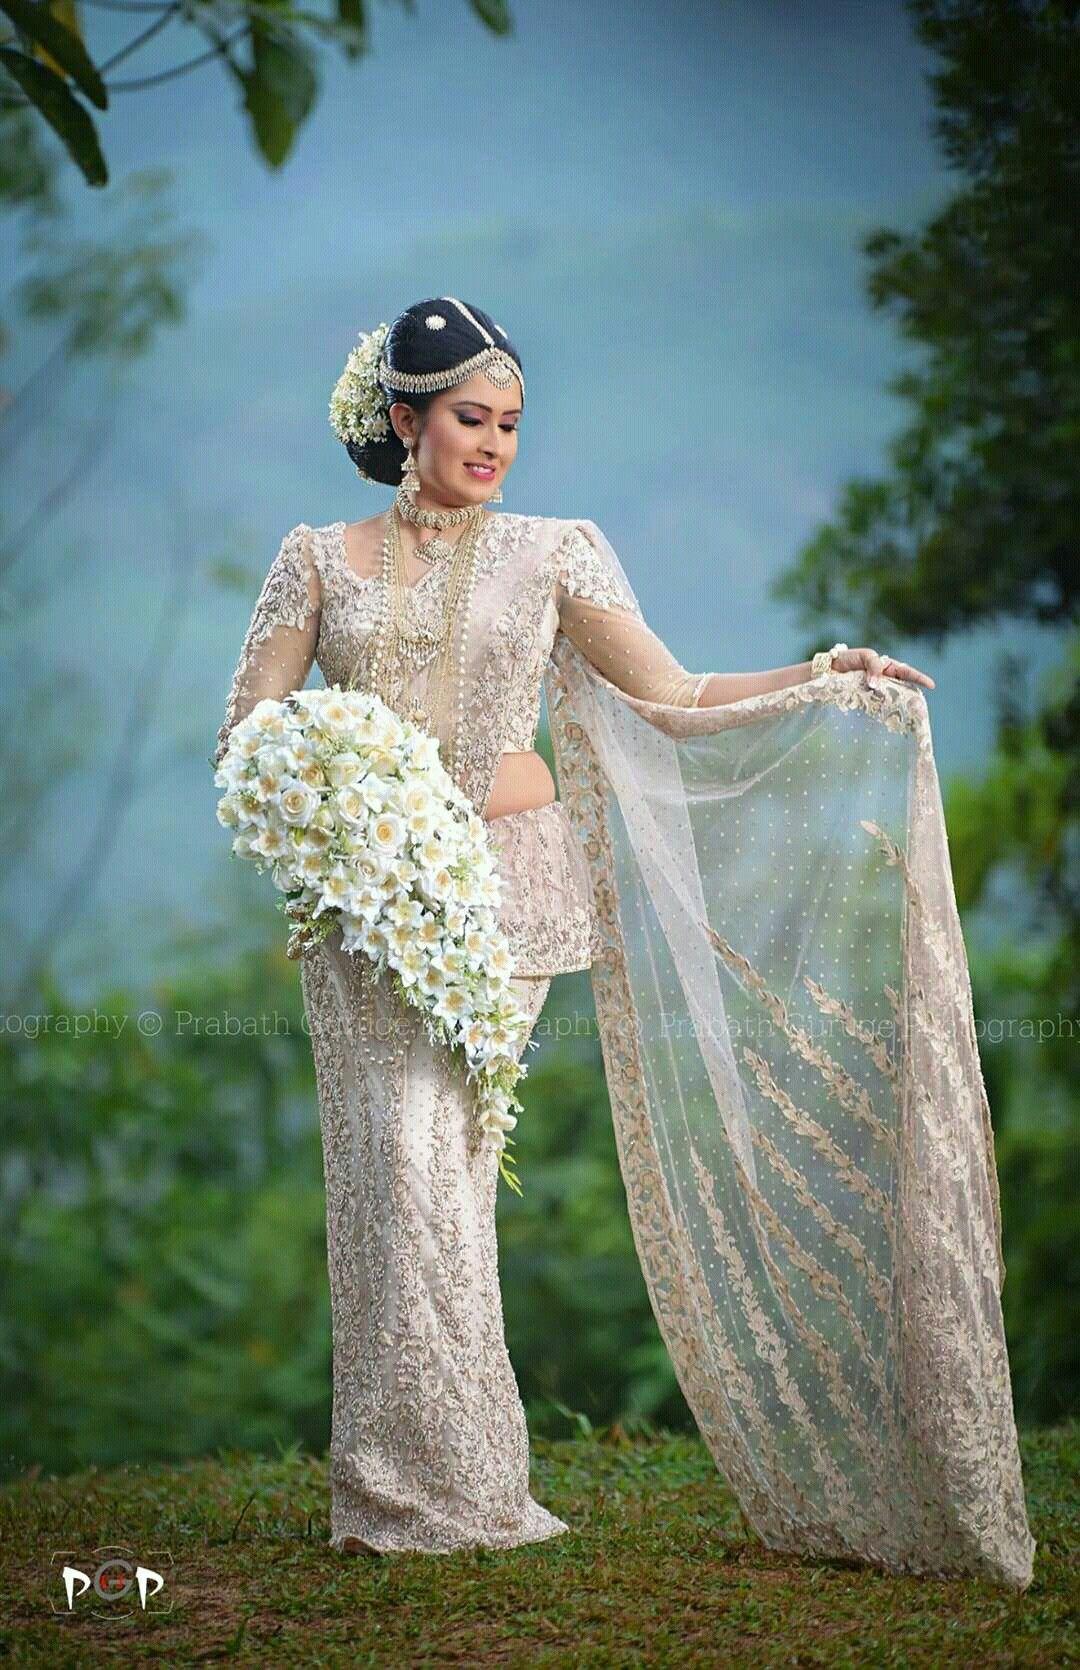 Pin by Yashodara Rathnathilaka on Kandian Brides   Pinterest   Saree ...